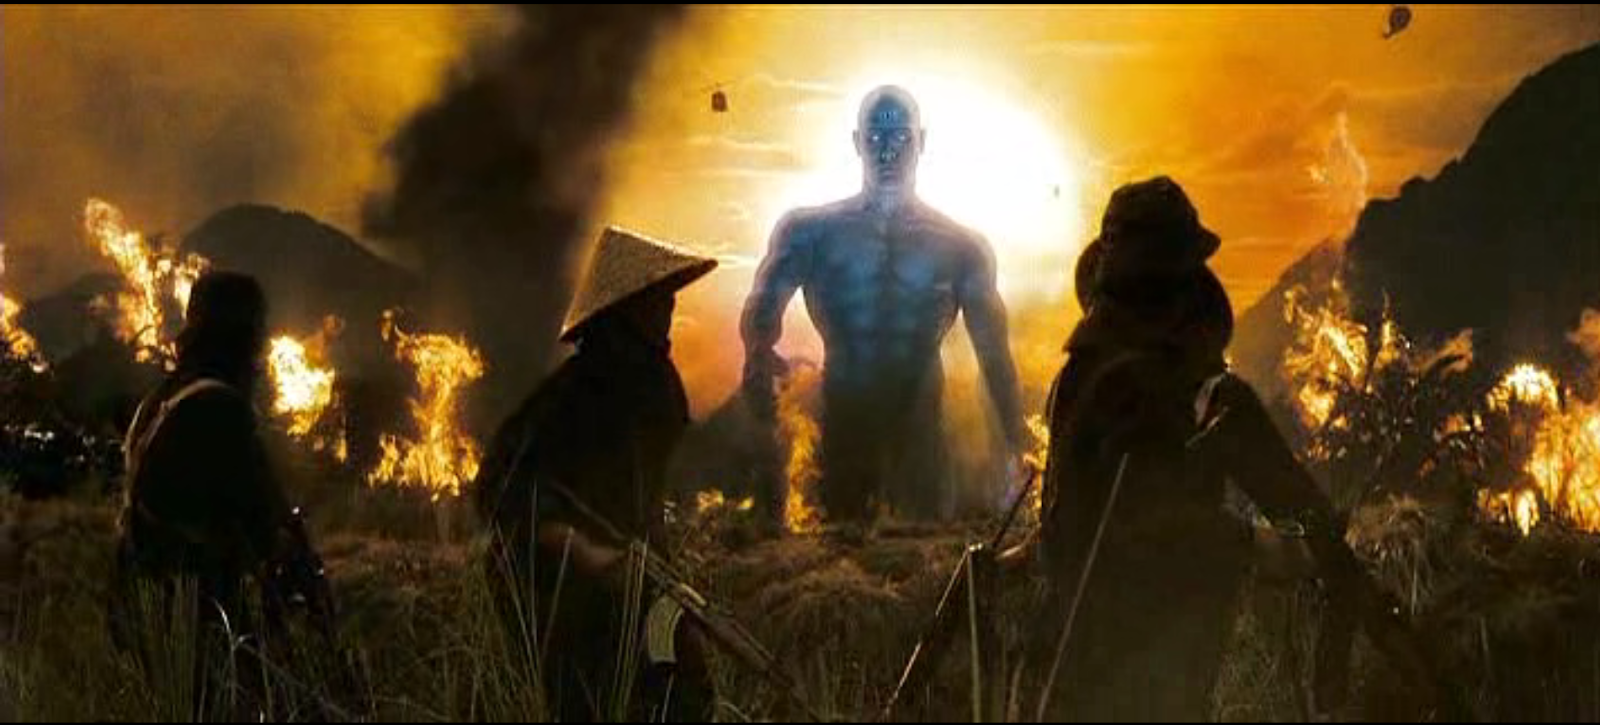 Хранители (Watchmen) 2009